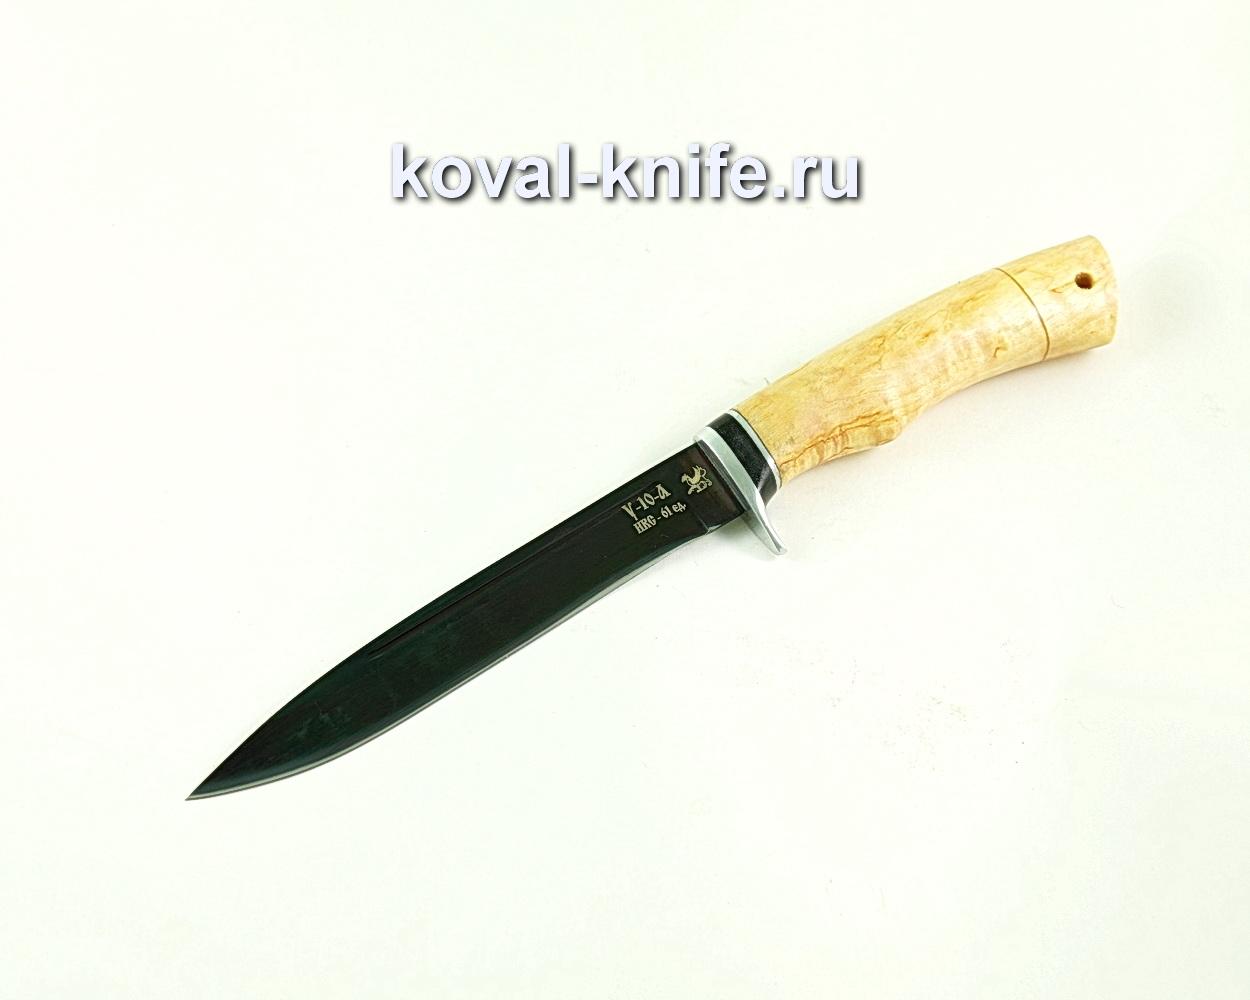 Нож из кованой стали У10 Турист-3, рукоять карельская береза A002